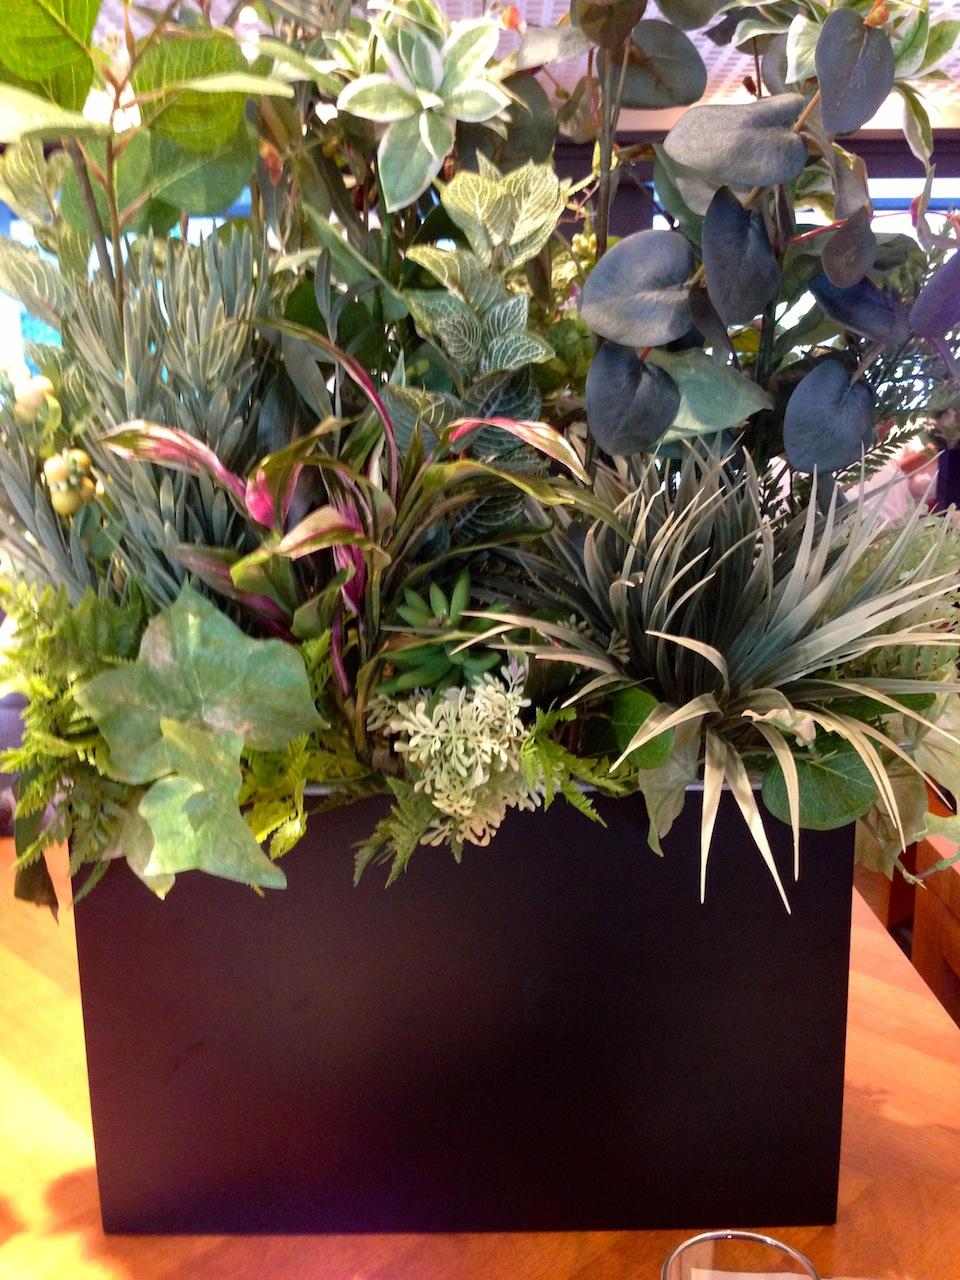 目の前に置かれた植物の鉢